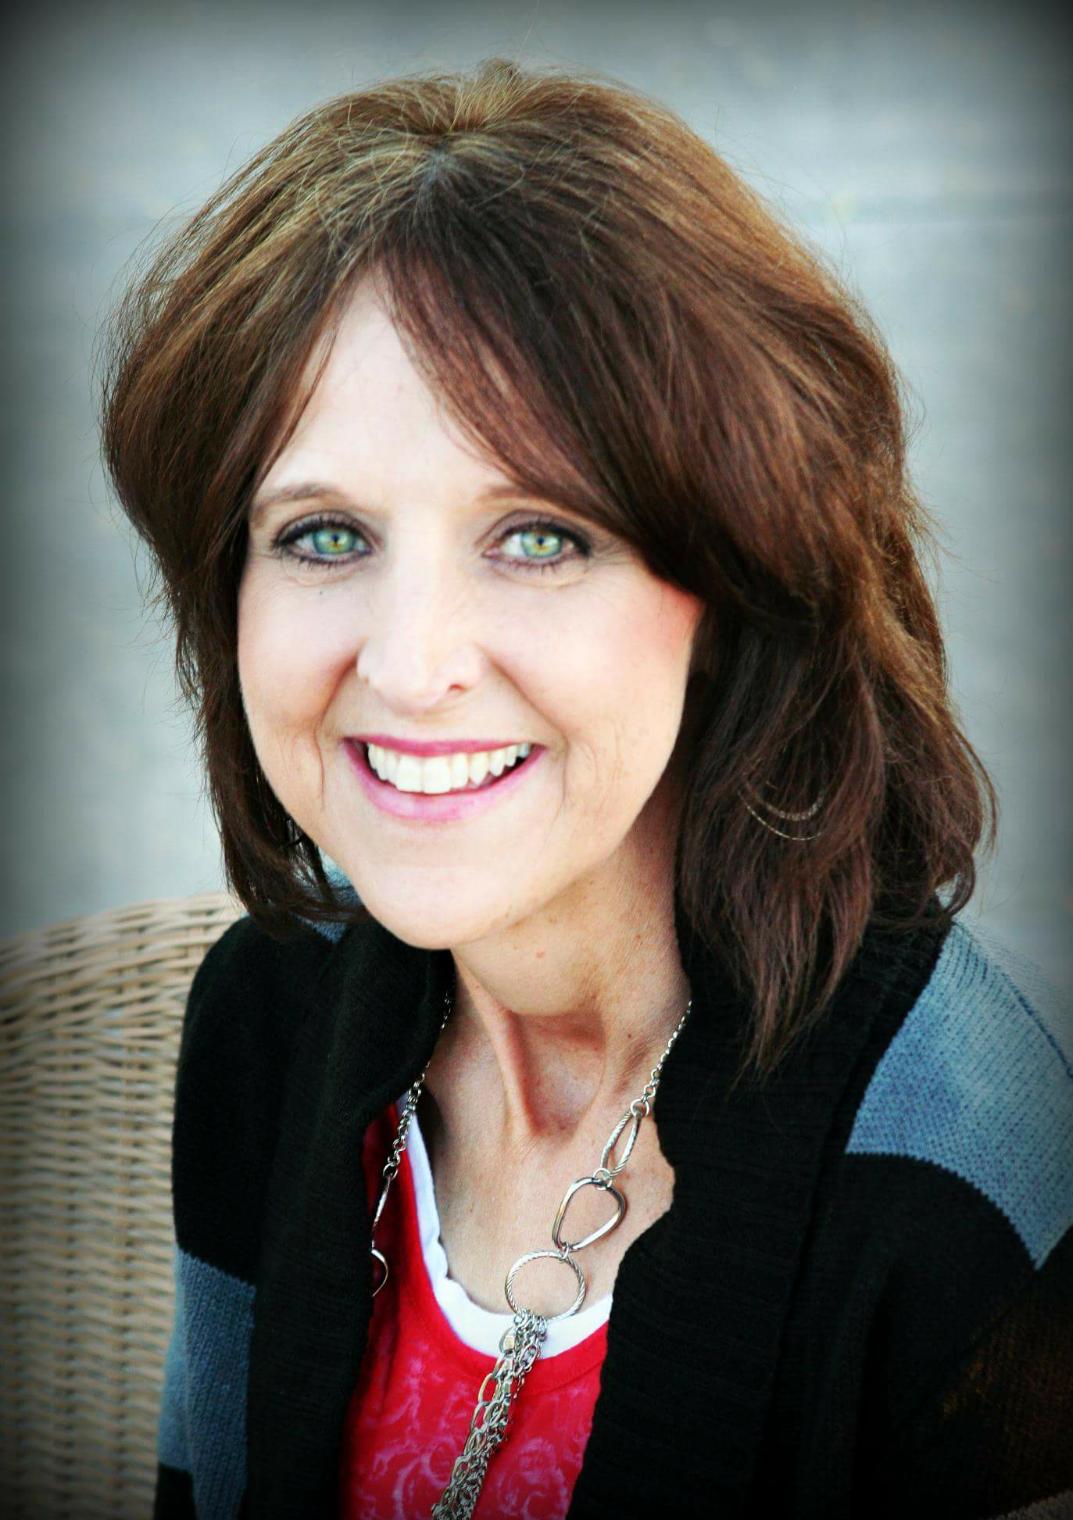 Shellie Ann Deatherage